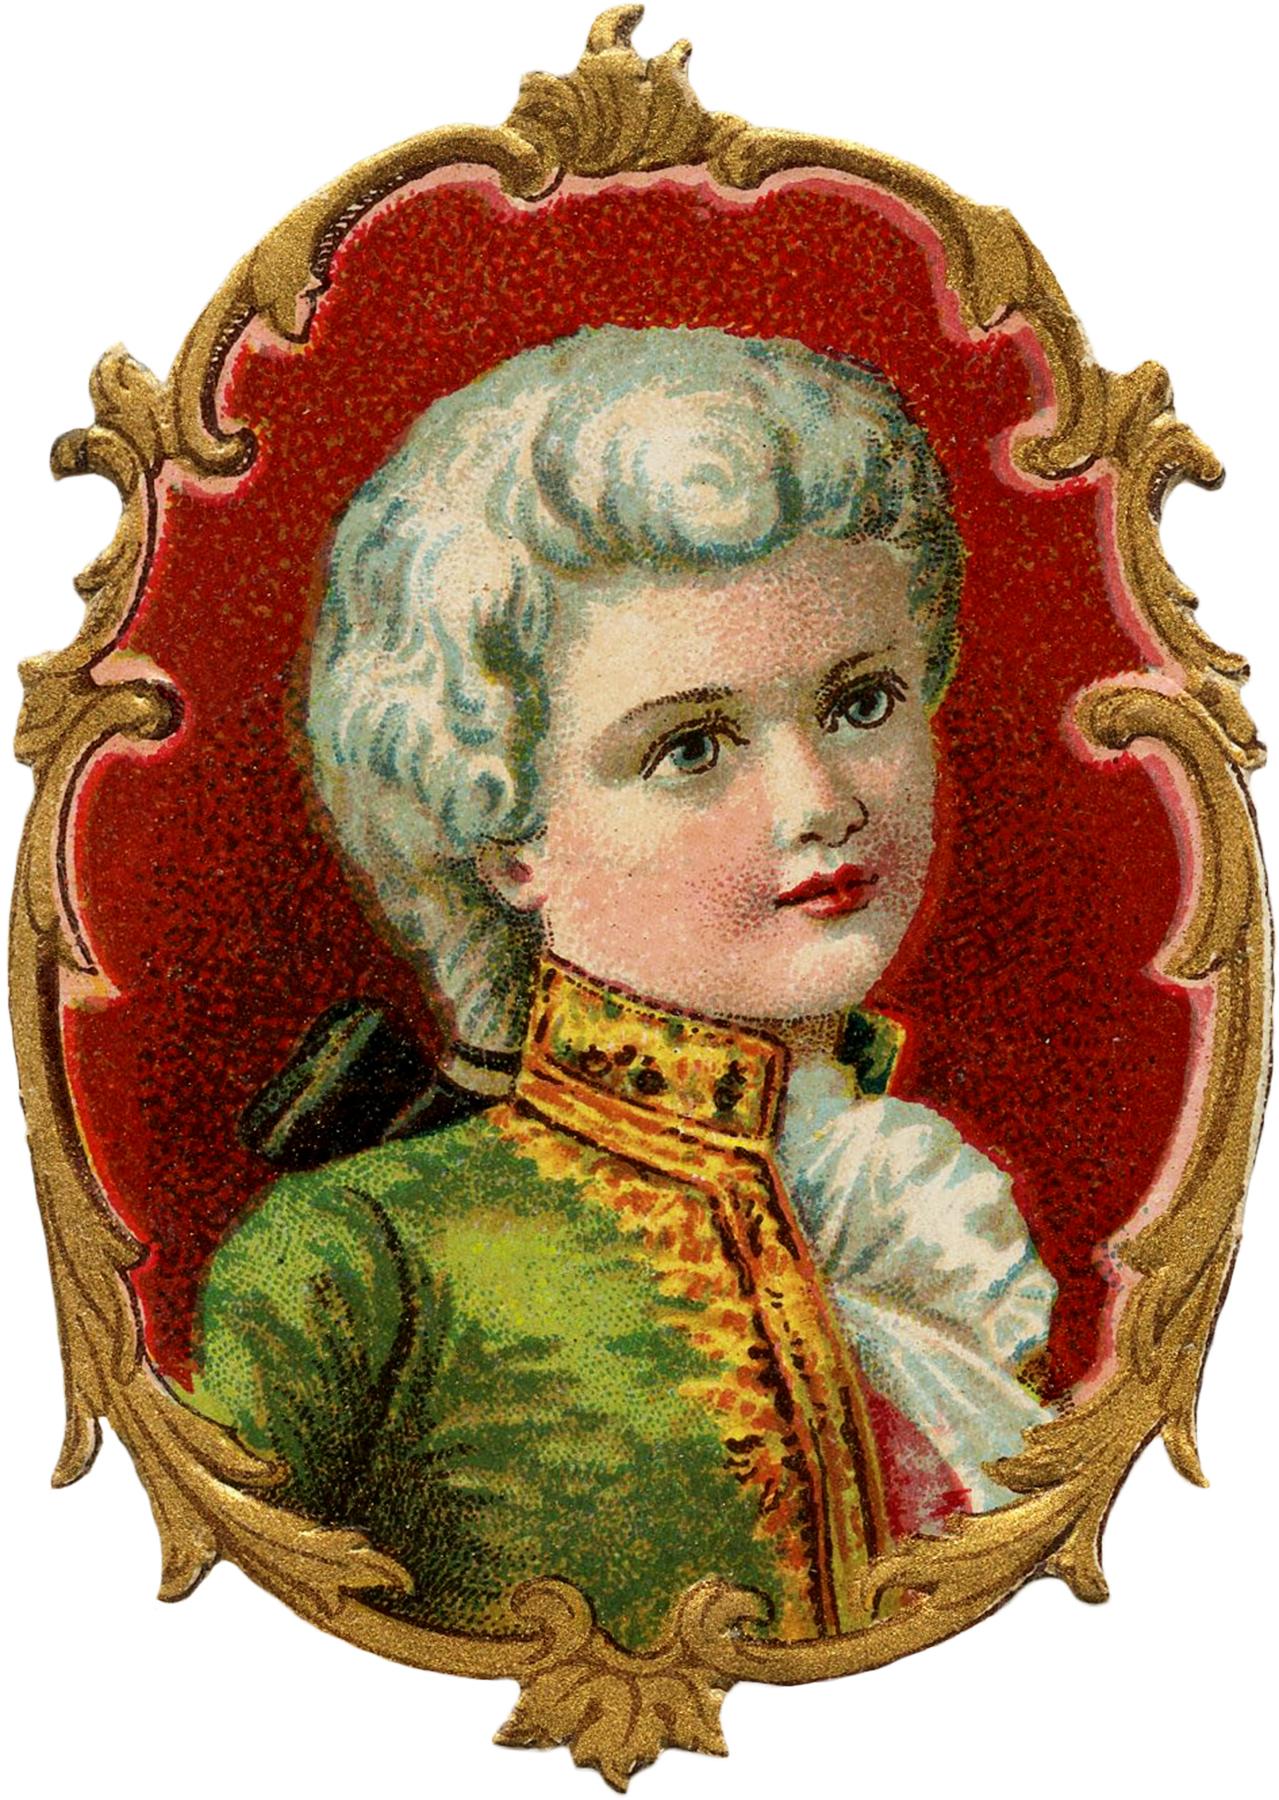 Vintage Colonial Boy Image